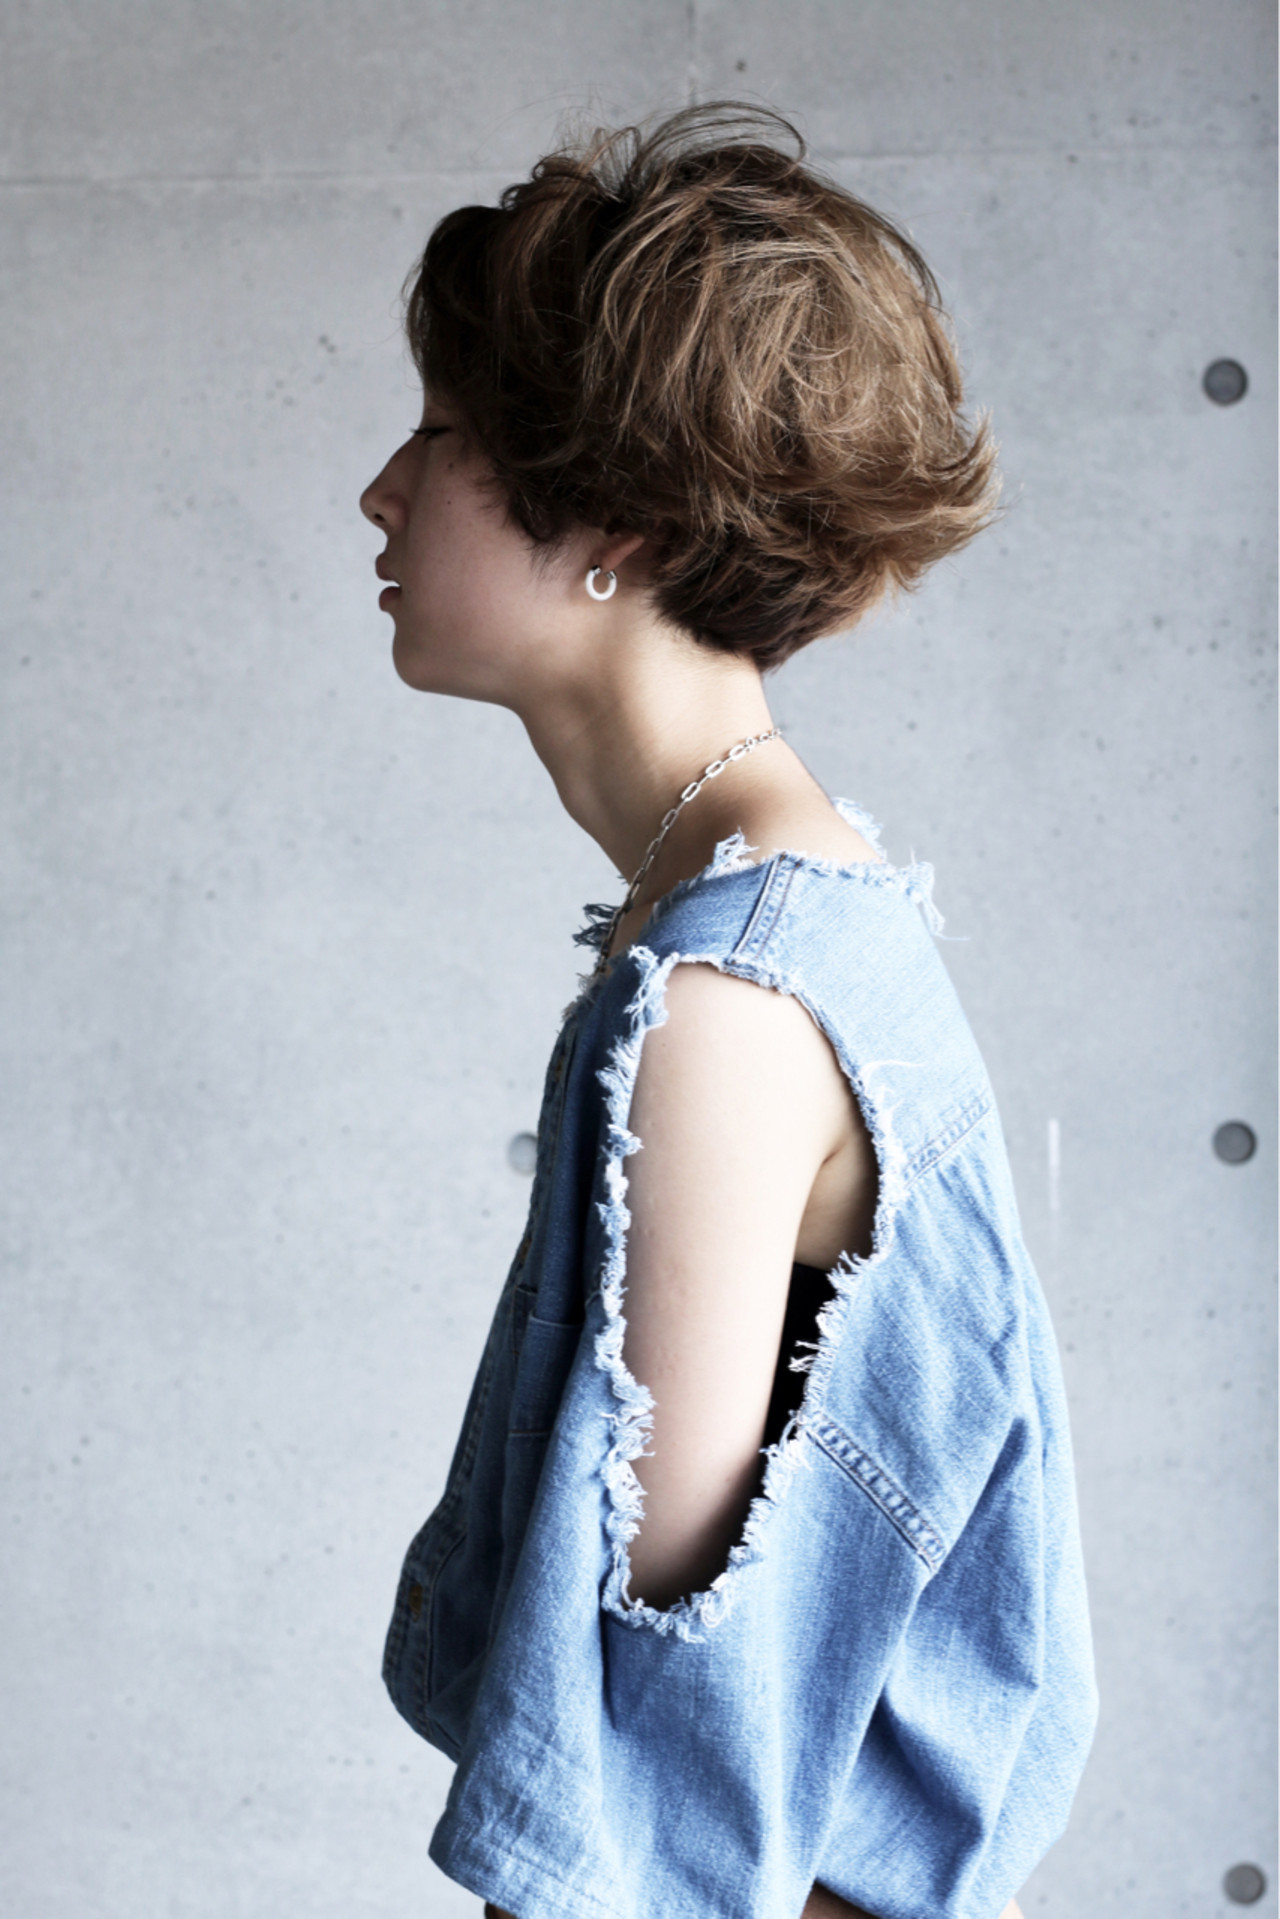 ベリーショート 小顔 かっこいい ストリート ヘアスタイルや髪型の写真・画像